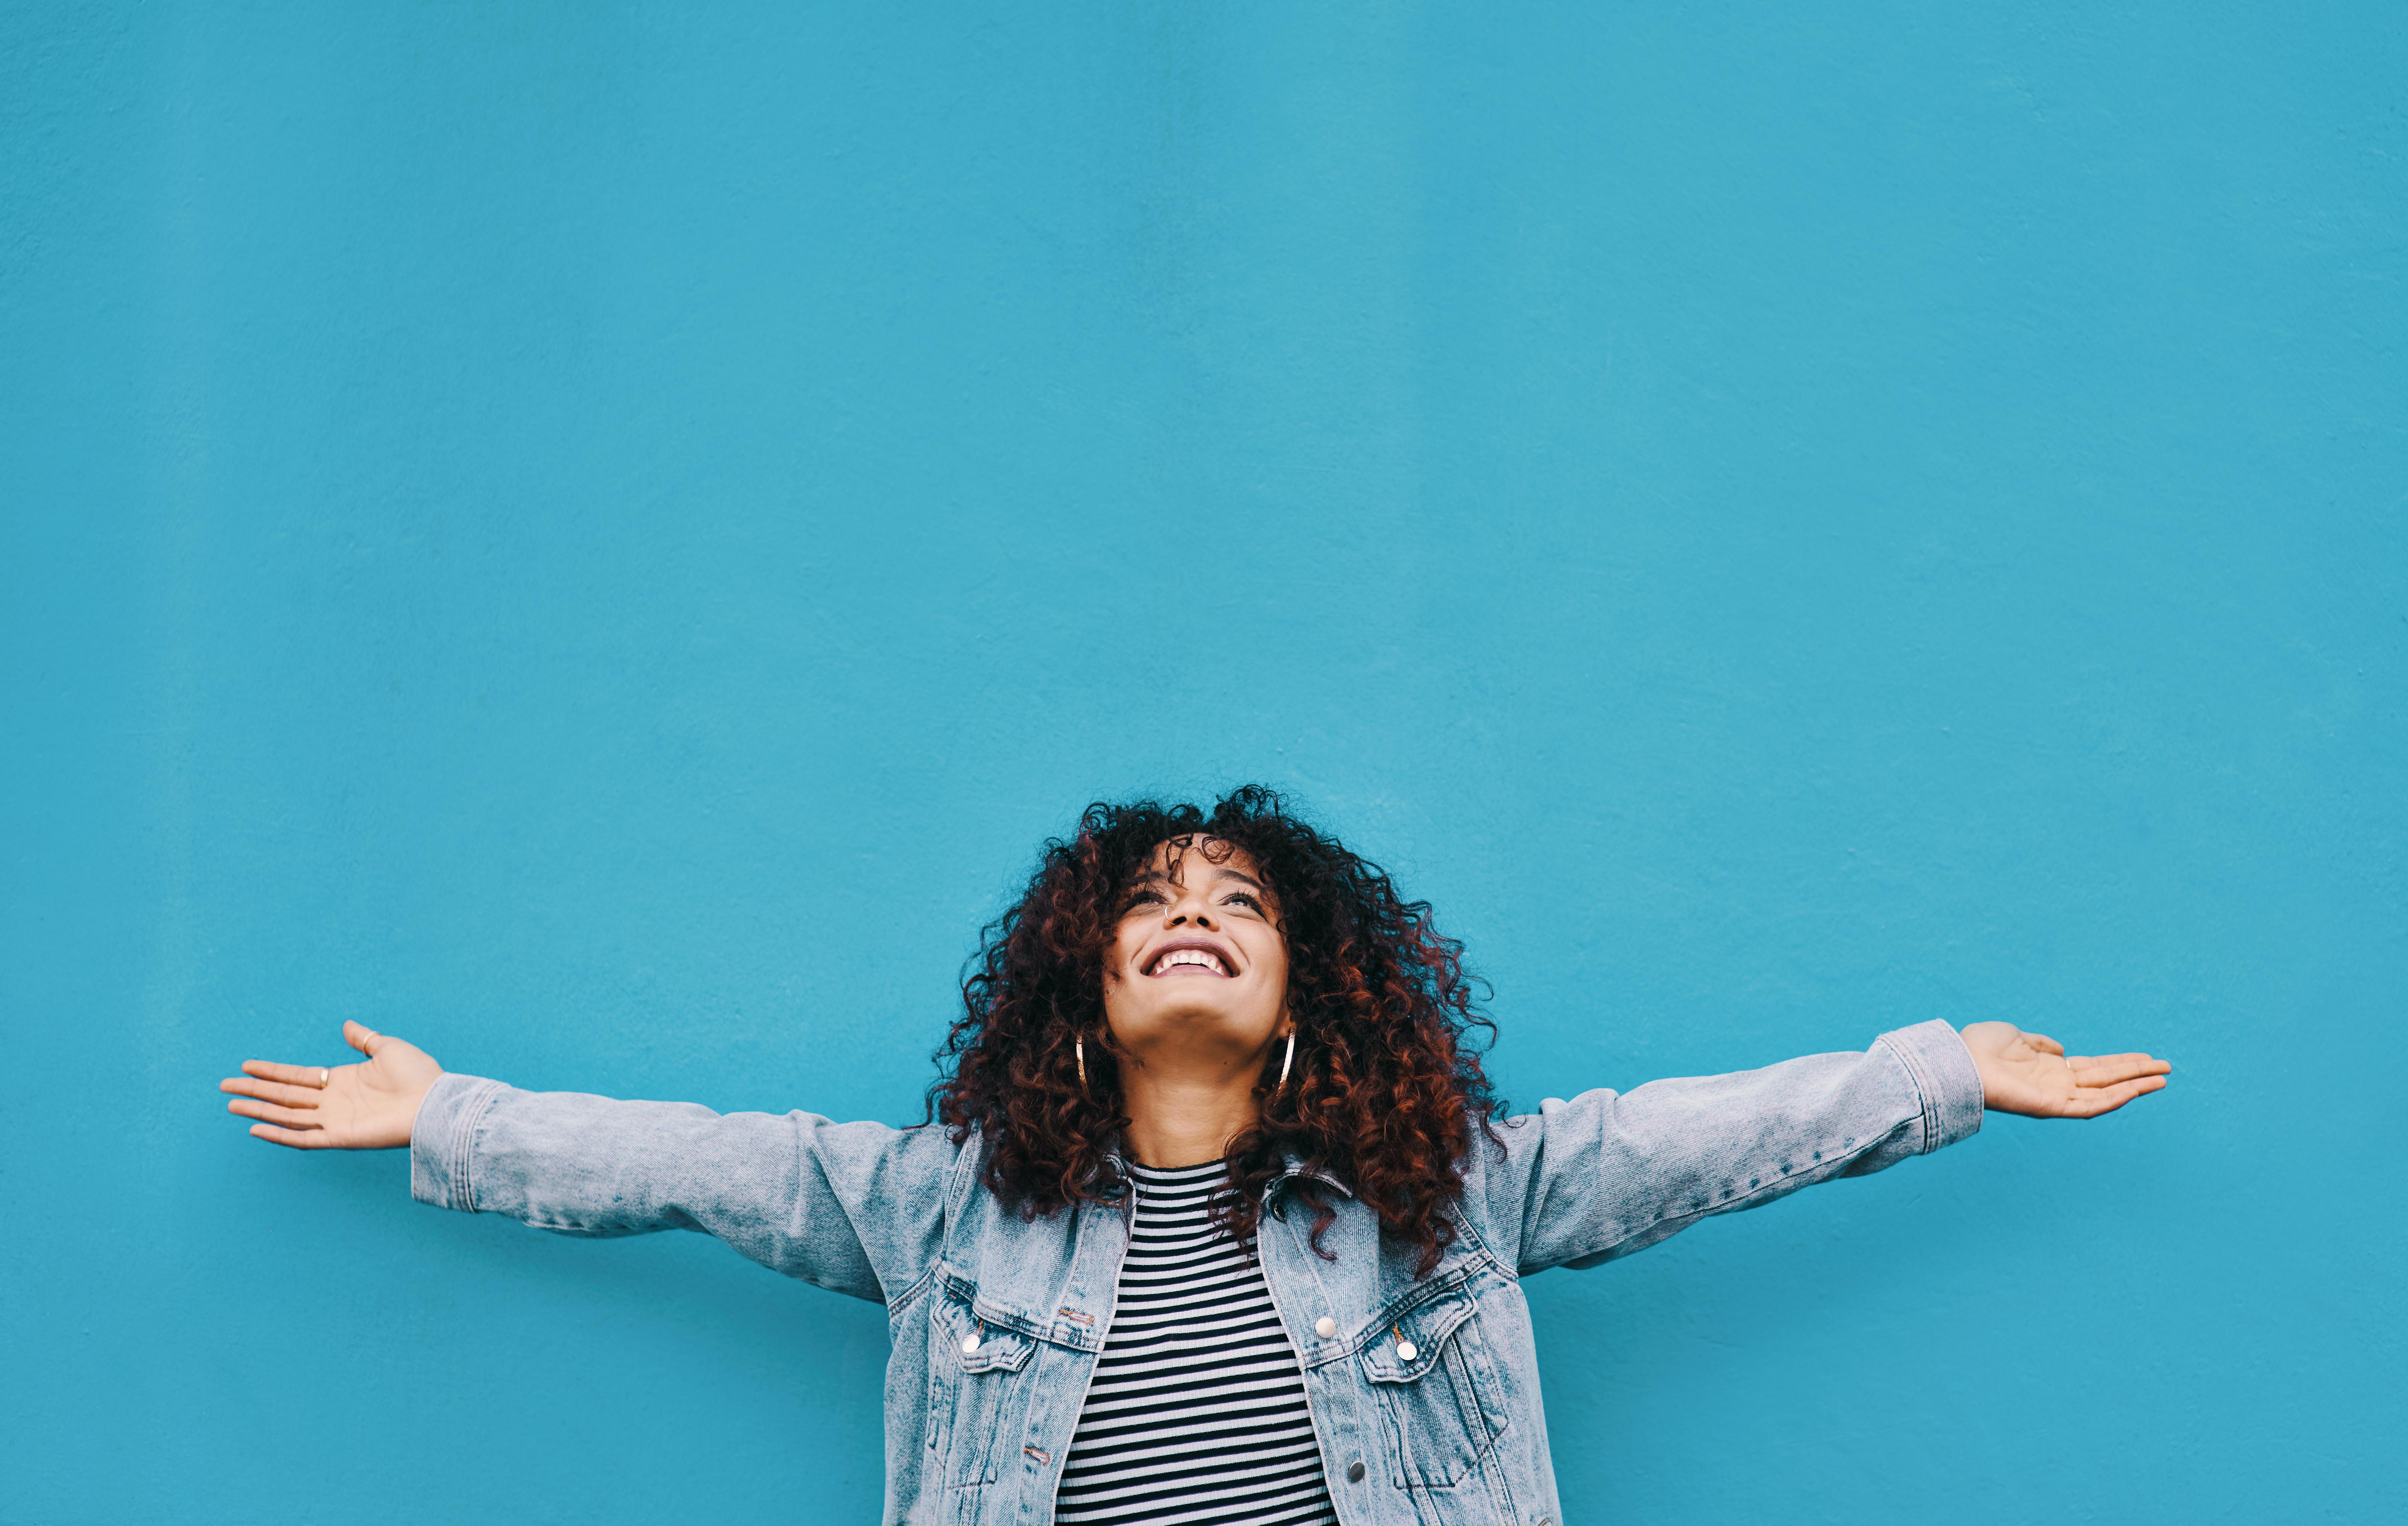 <p><strong>Телец</strong><br /> <strong>Искате:</strong> Да се отдадете изцяло и по всички възможни начини. Копнеете за стабилност и чувствате, че сте на правилното място на живота си, за да се установите най-накрая по много начини - и искате да видите осезаемо доказателство за това, което да ви успокои.</p>  <p><strong>Имате нужда: </strong>Да решите какво искате, а не просто да се примирявате с нещо. 2021 се очертава да бъде година на потвърждение и стабилност за вас. Ангажиментите ще бъдат поети, но трябва да знаете какво искате - а не само какво си мислите, че искате.</p>